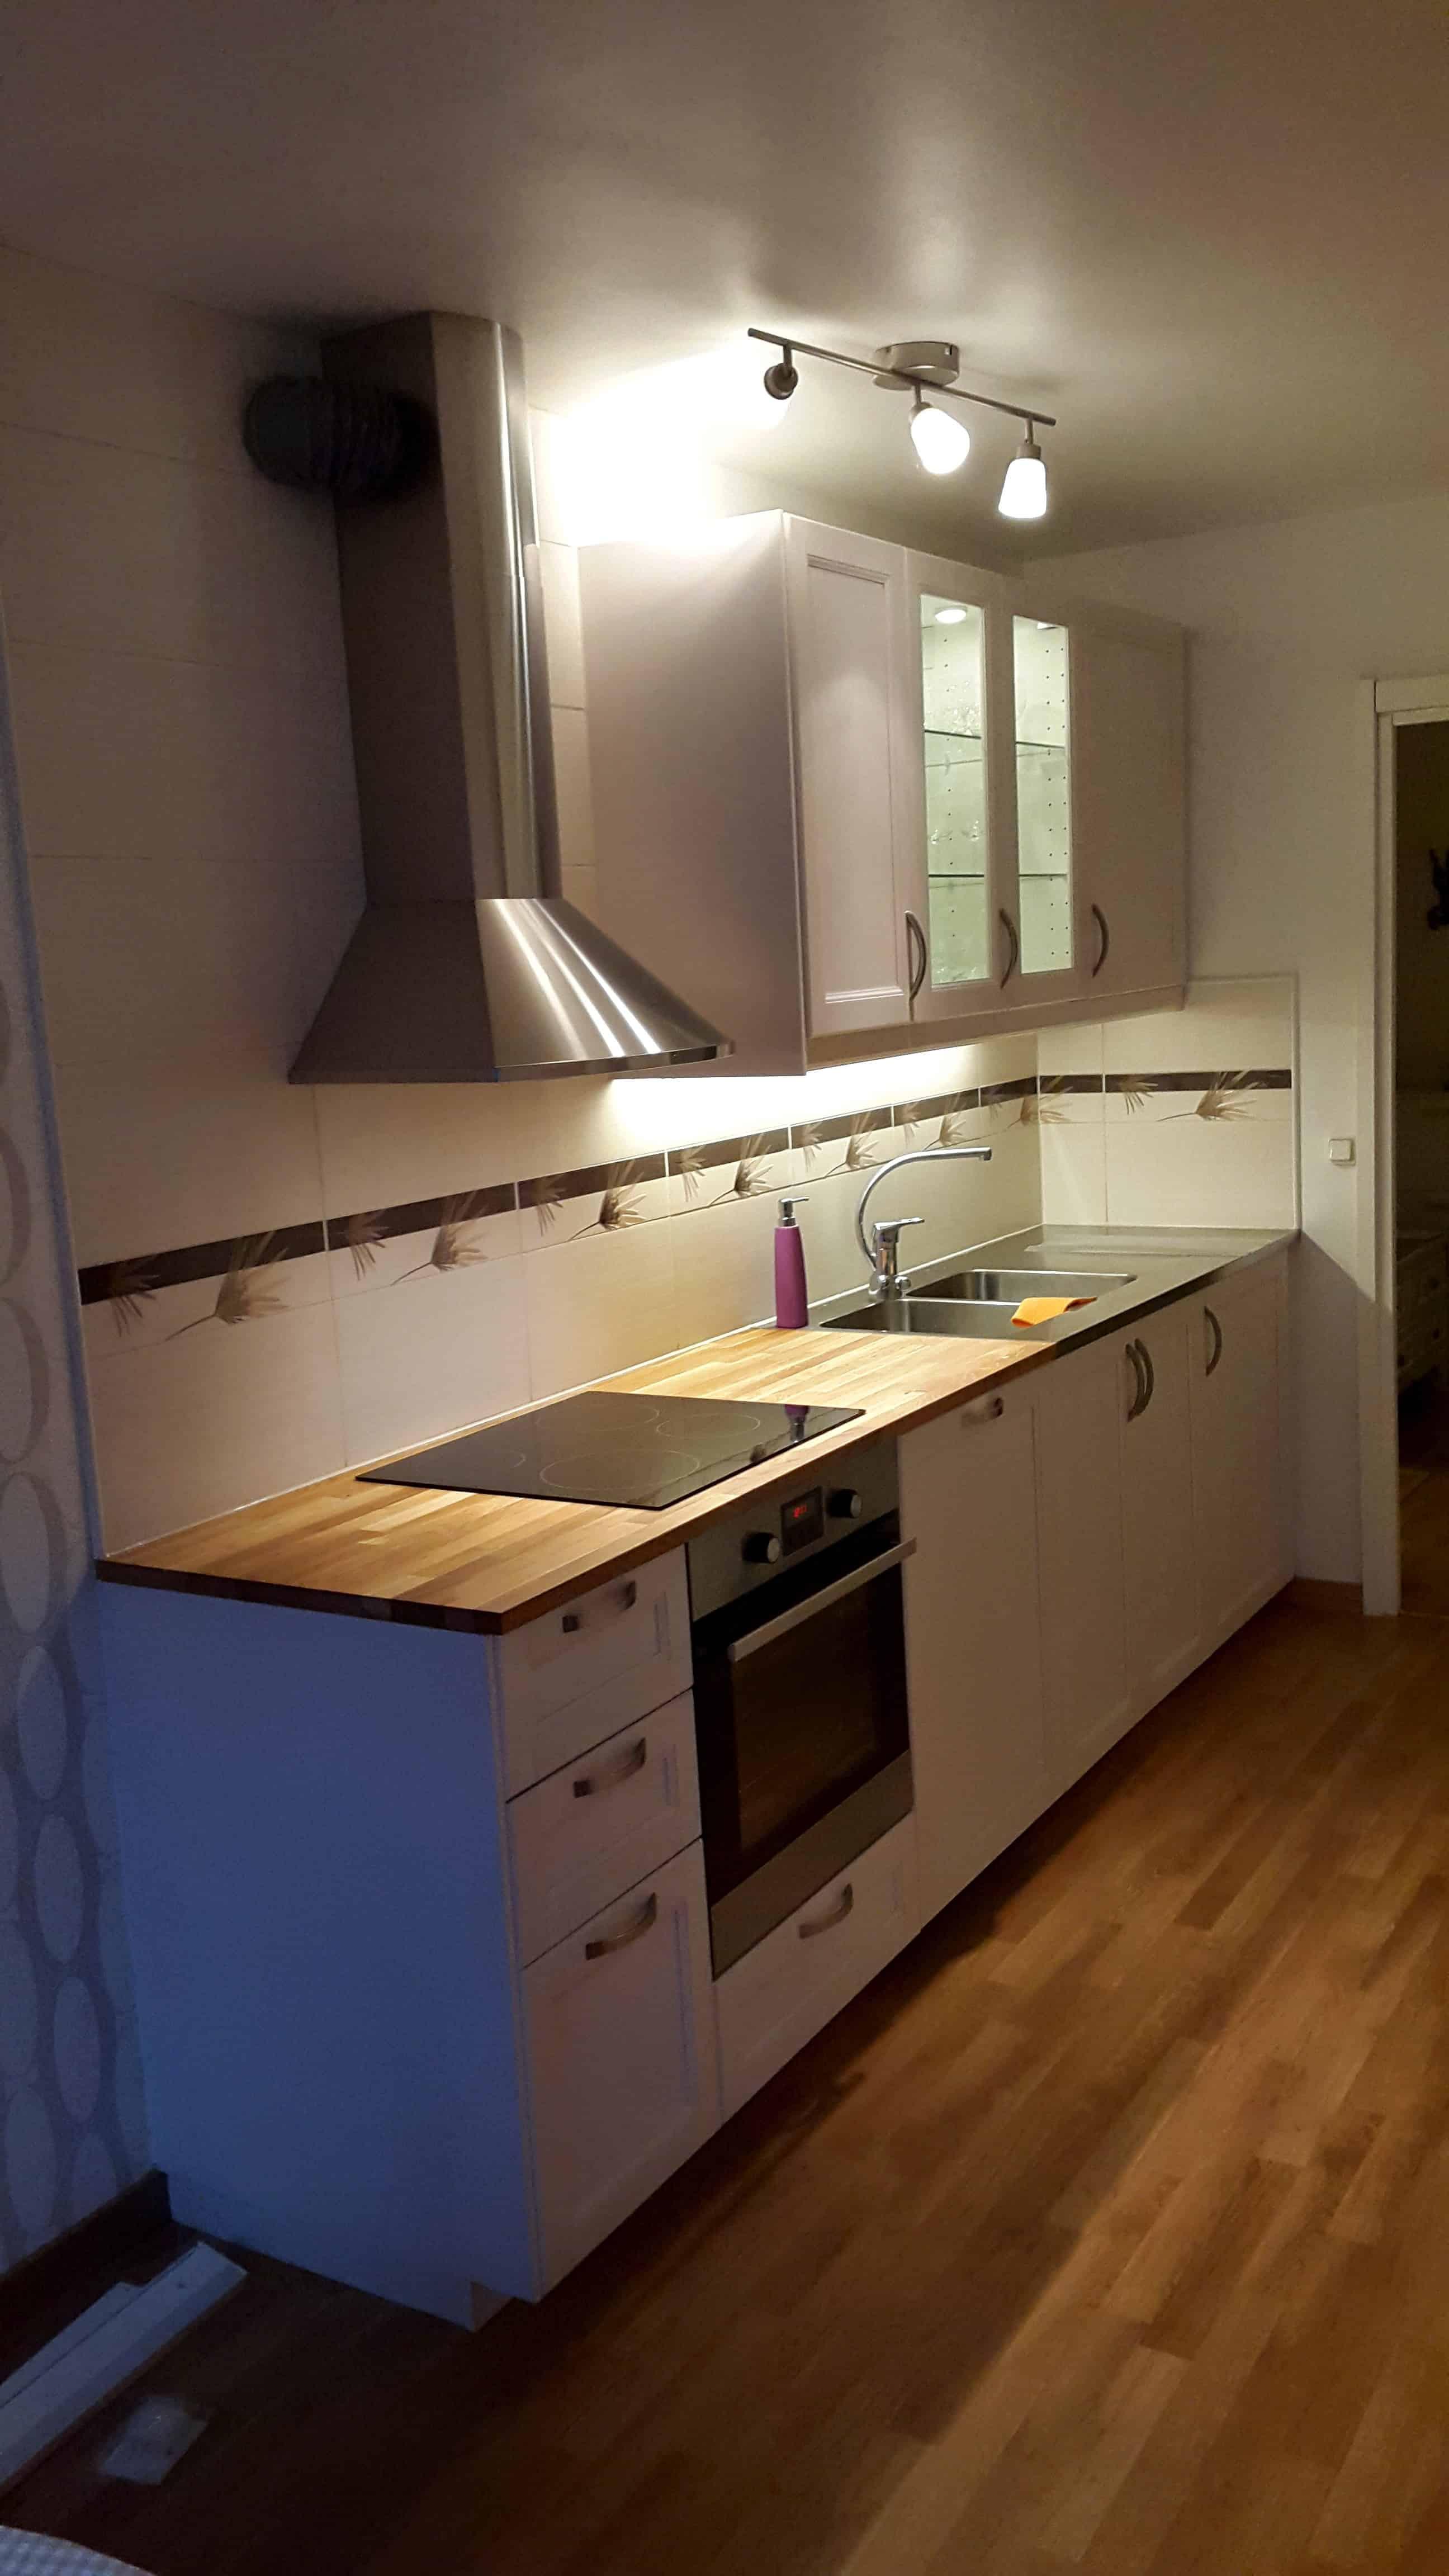 """Referensjobb """"Köksrenovering """" utfört av DNB Bygg & Fastighetsservice AB"""